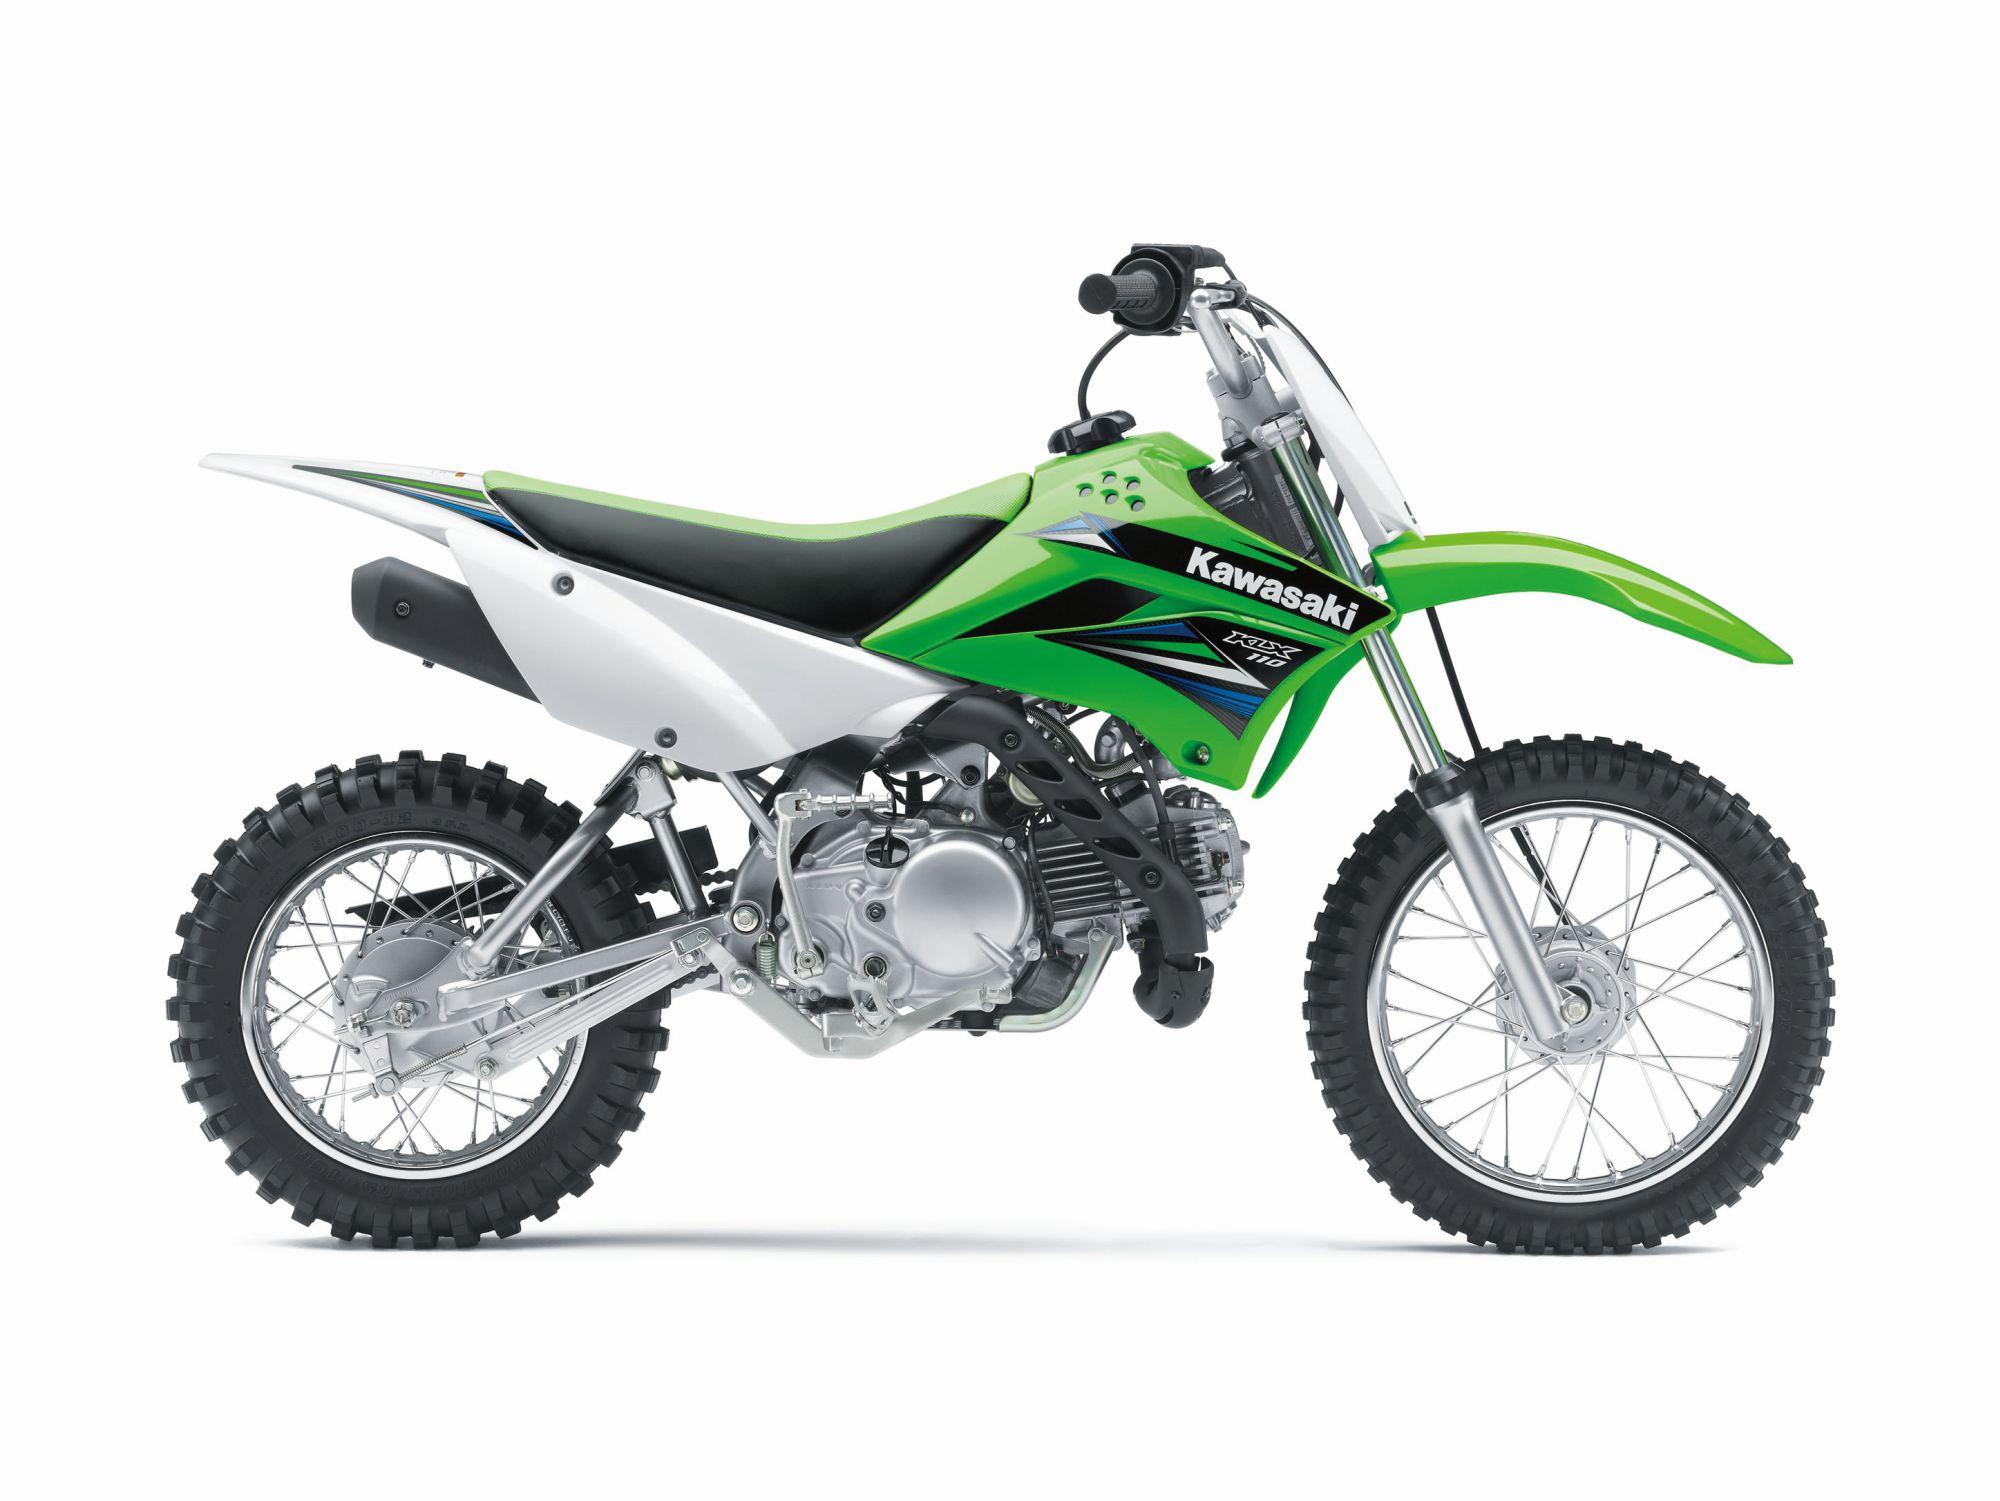 Kawasaki KLX 110 - Todos los datos técnicos del modelo KLX